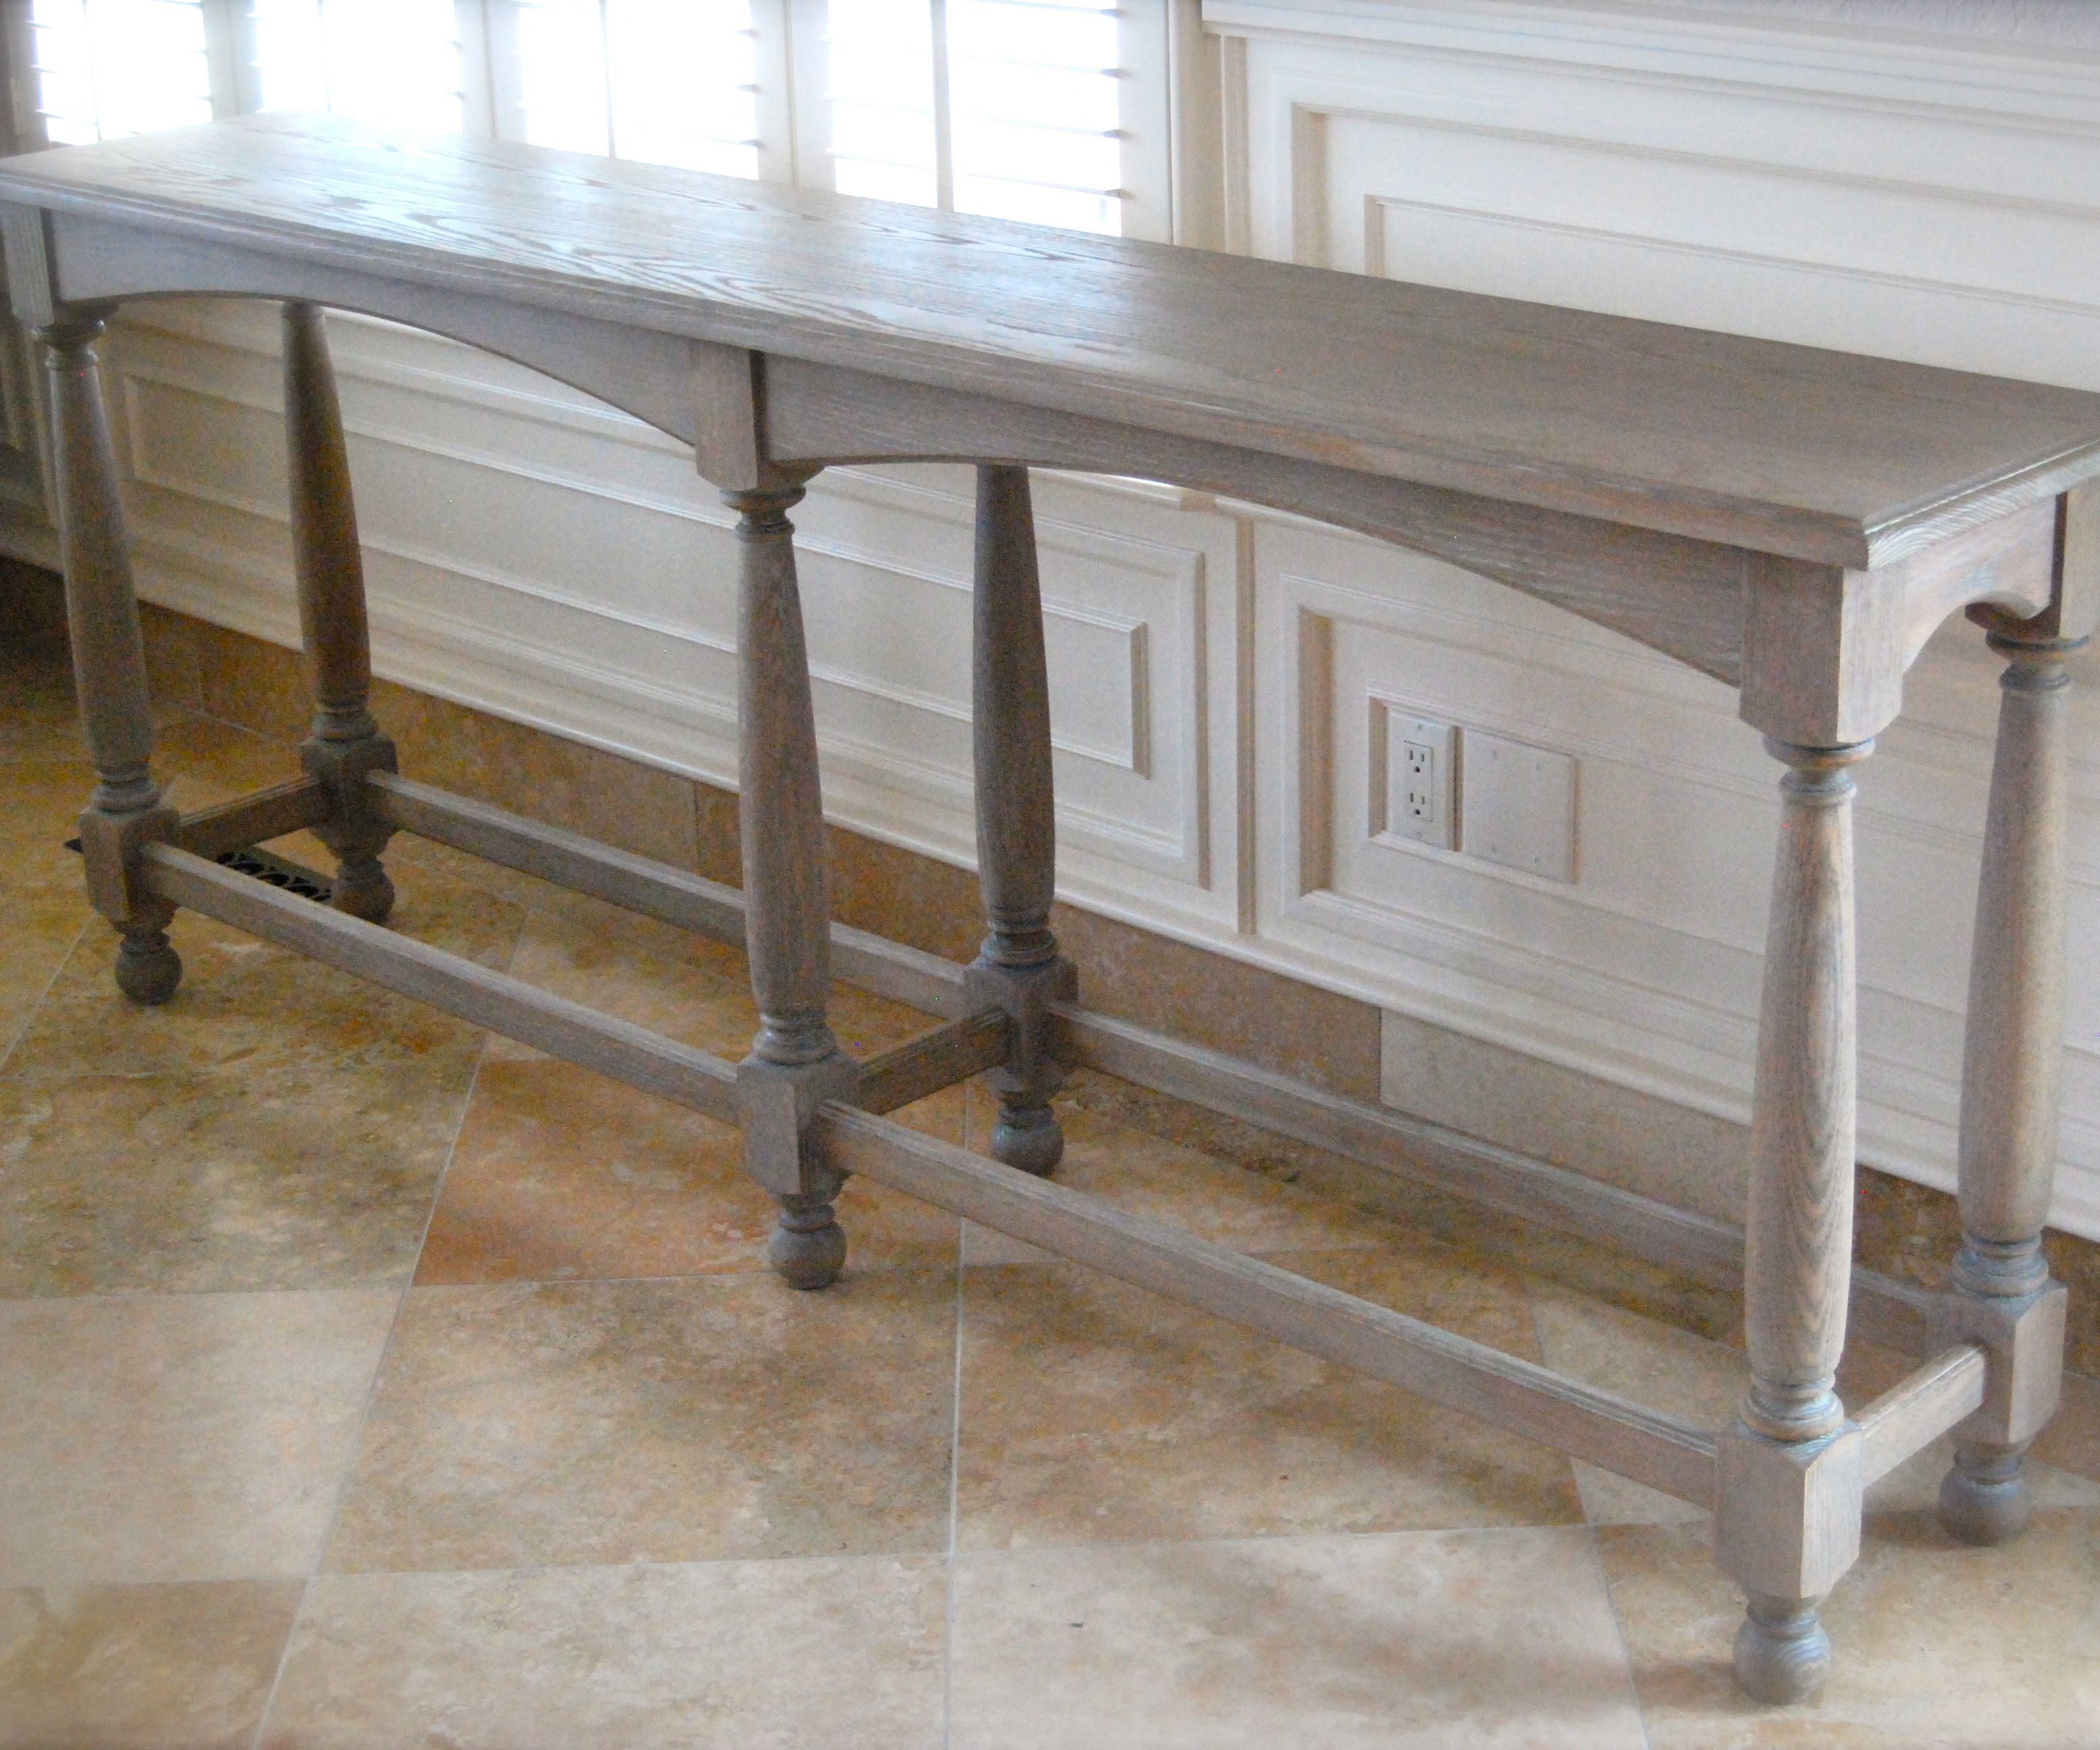 6 legged console table